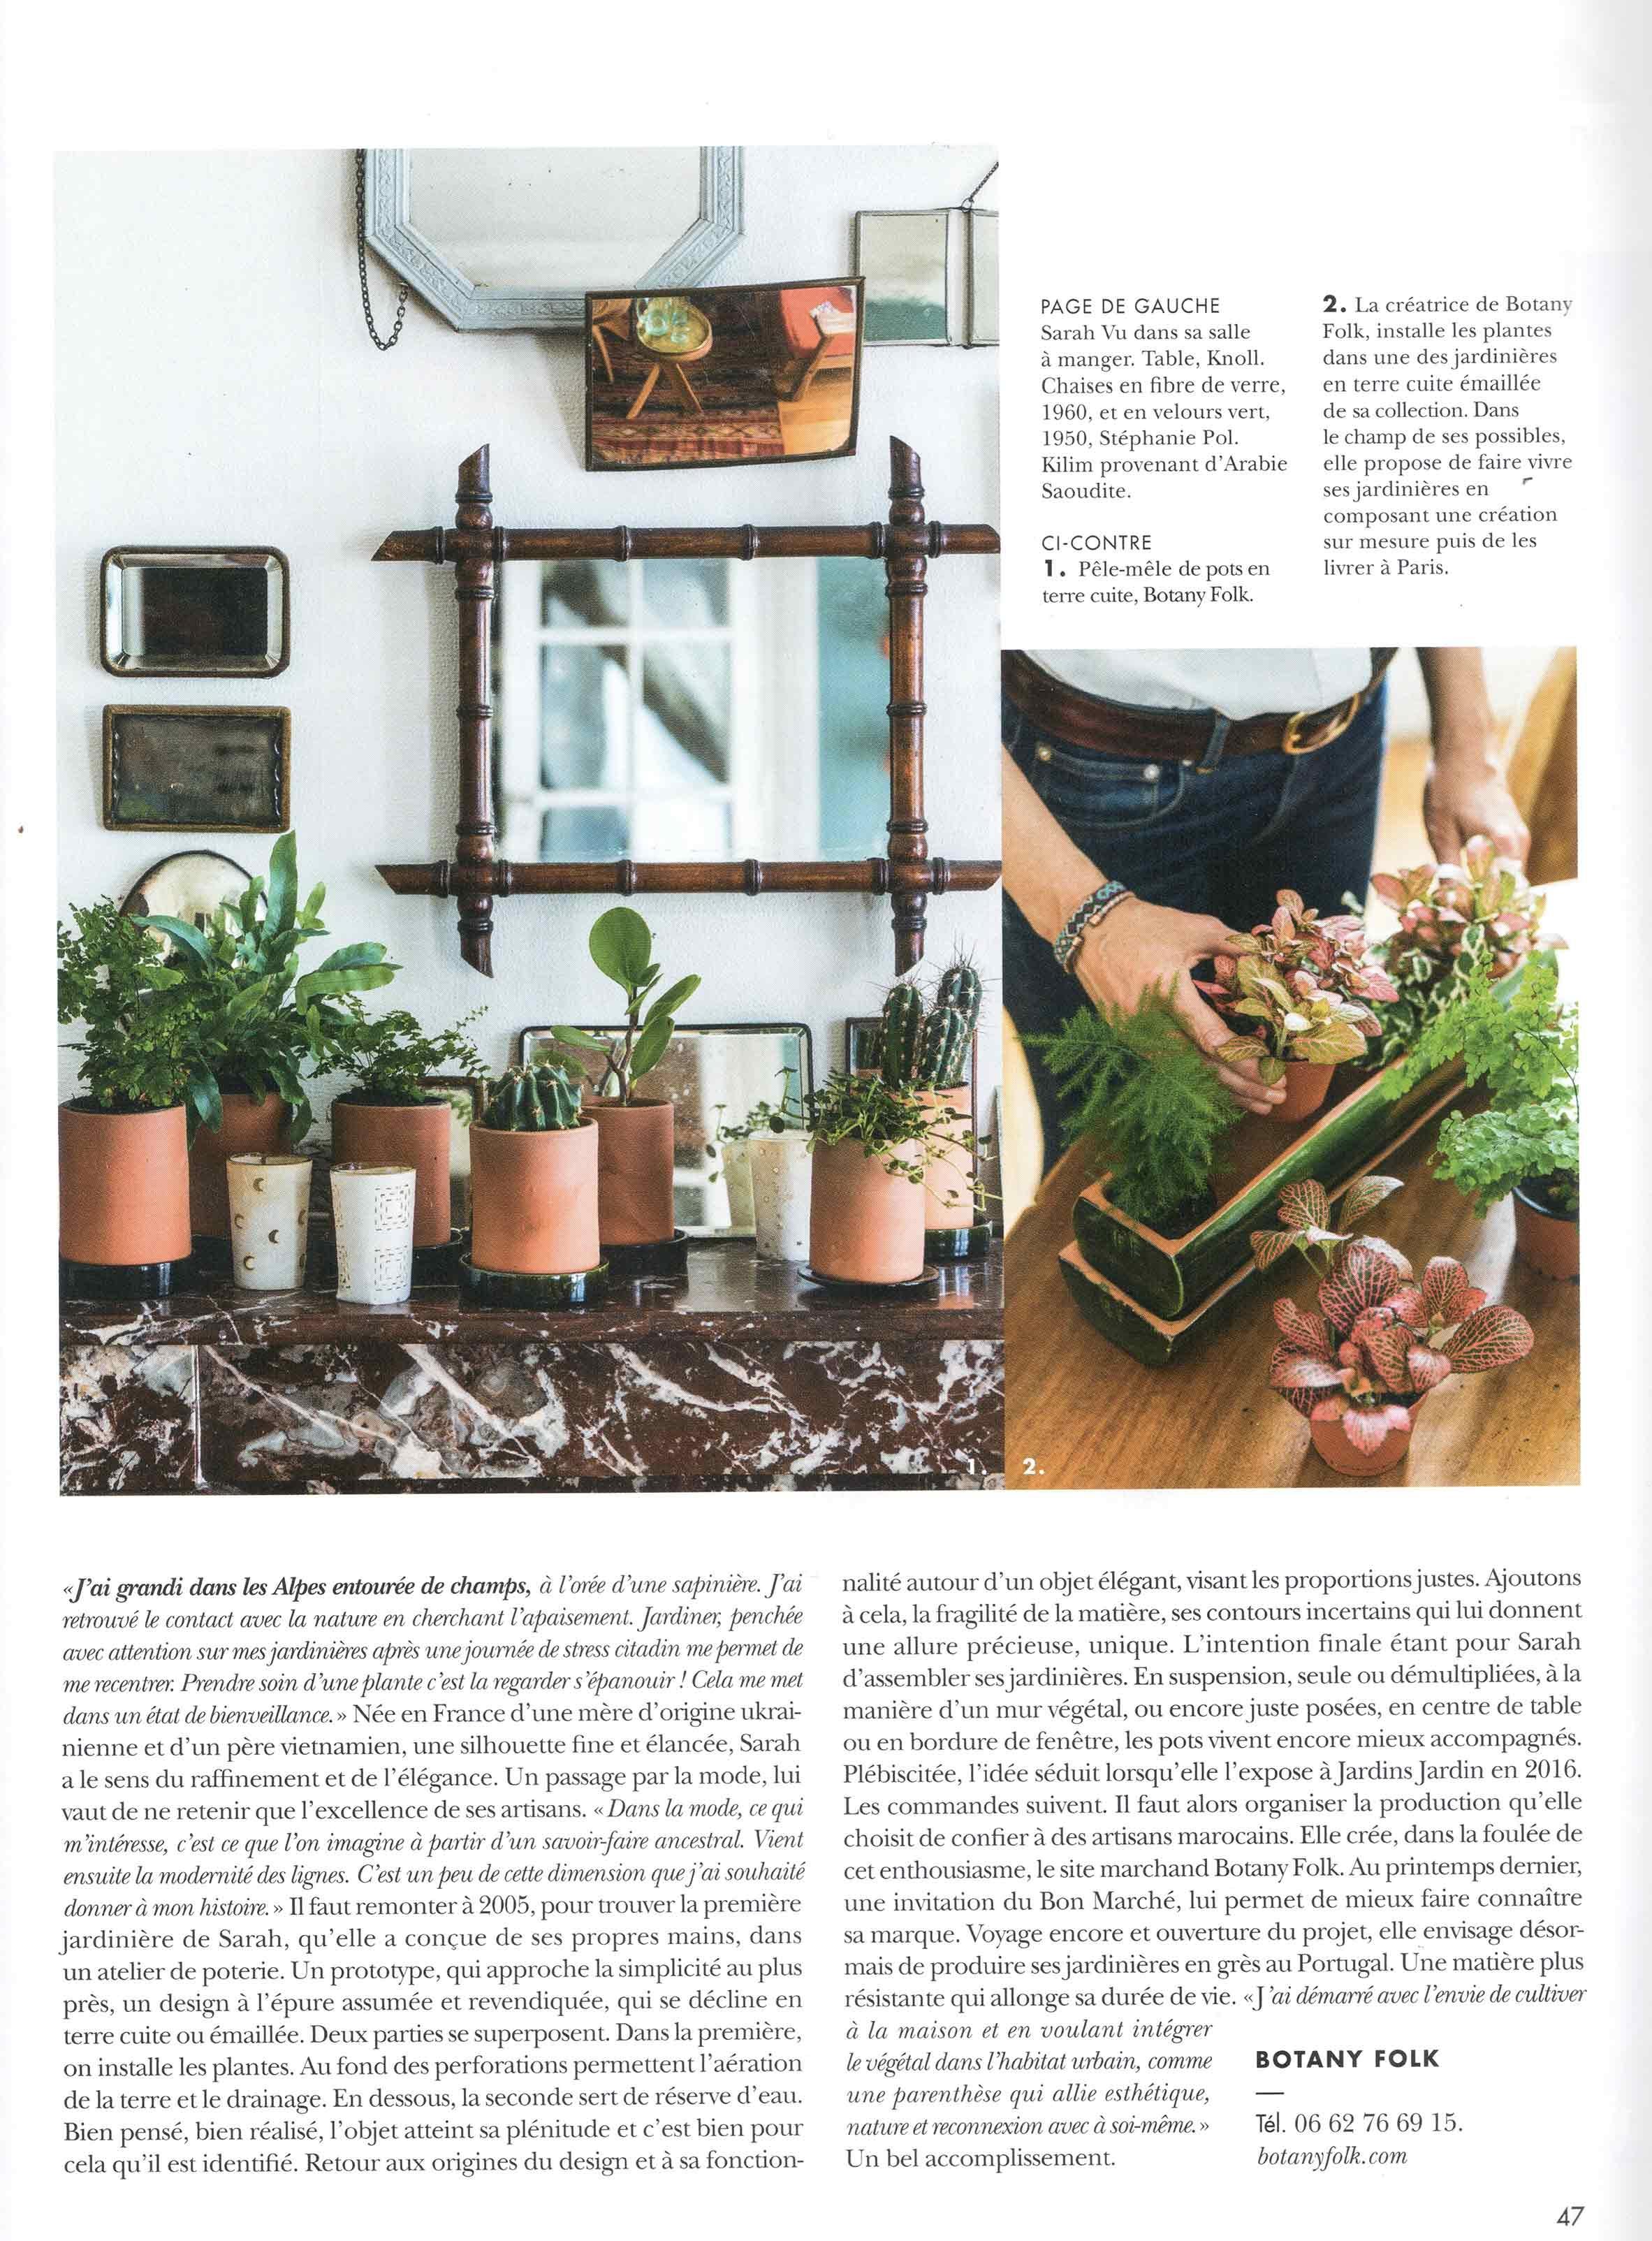 Botany Folk @cote paris